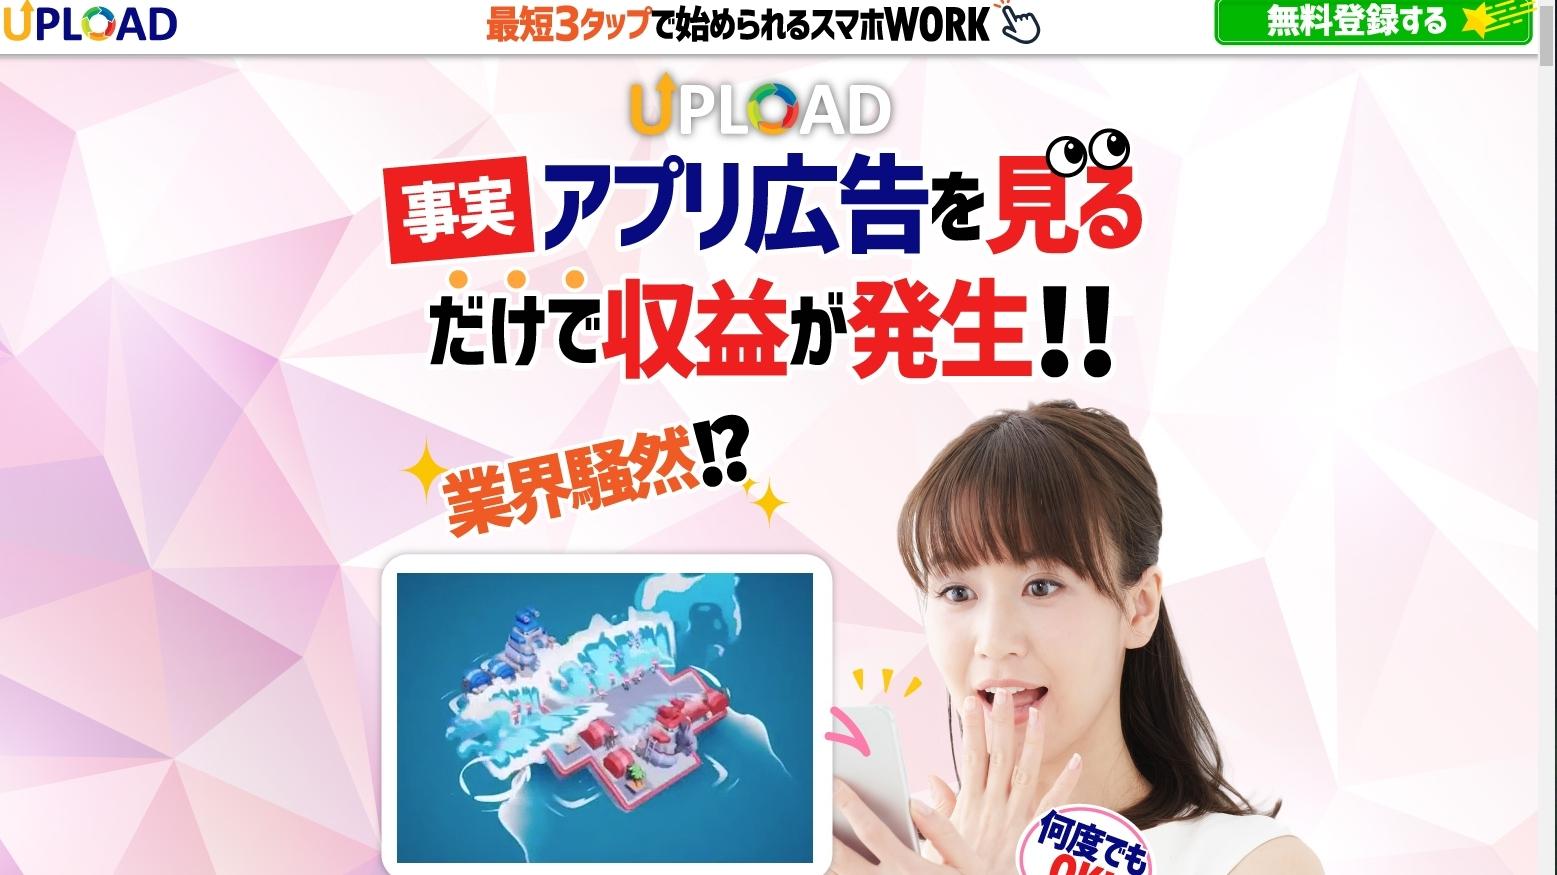 アップロード(UPLOAD)は副業!?アプリ広告を見るだけで1日1~10万円以上稼げるのは本当か徹底調査!